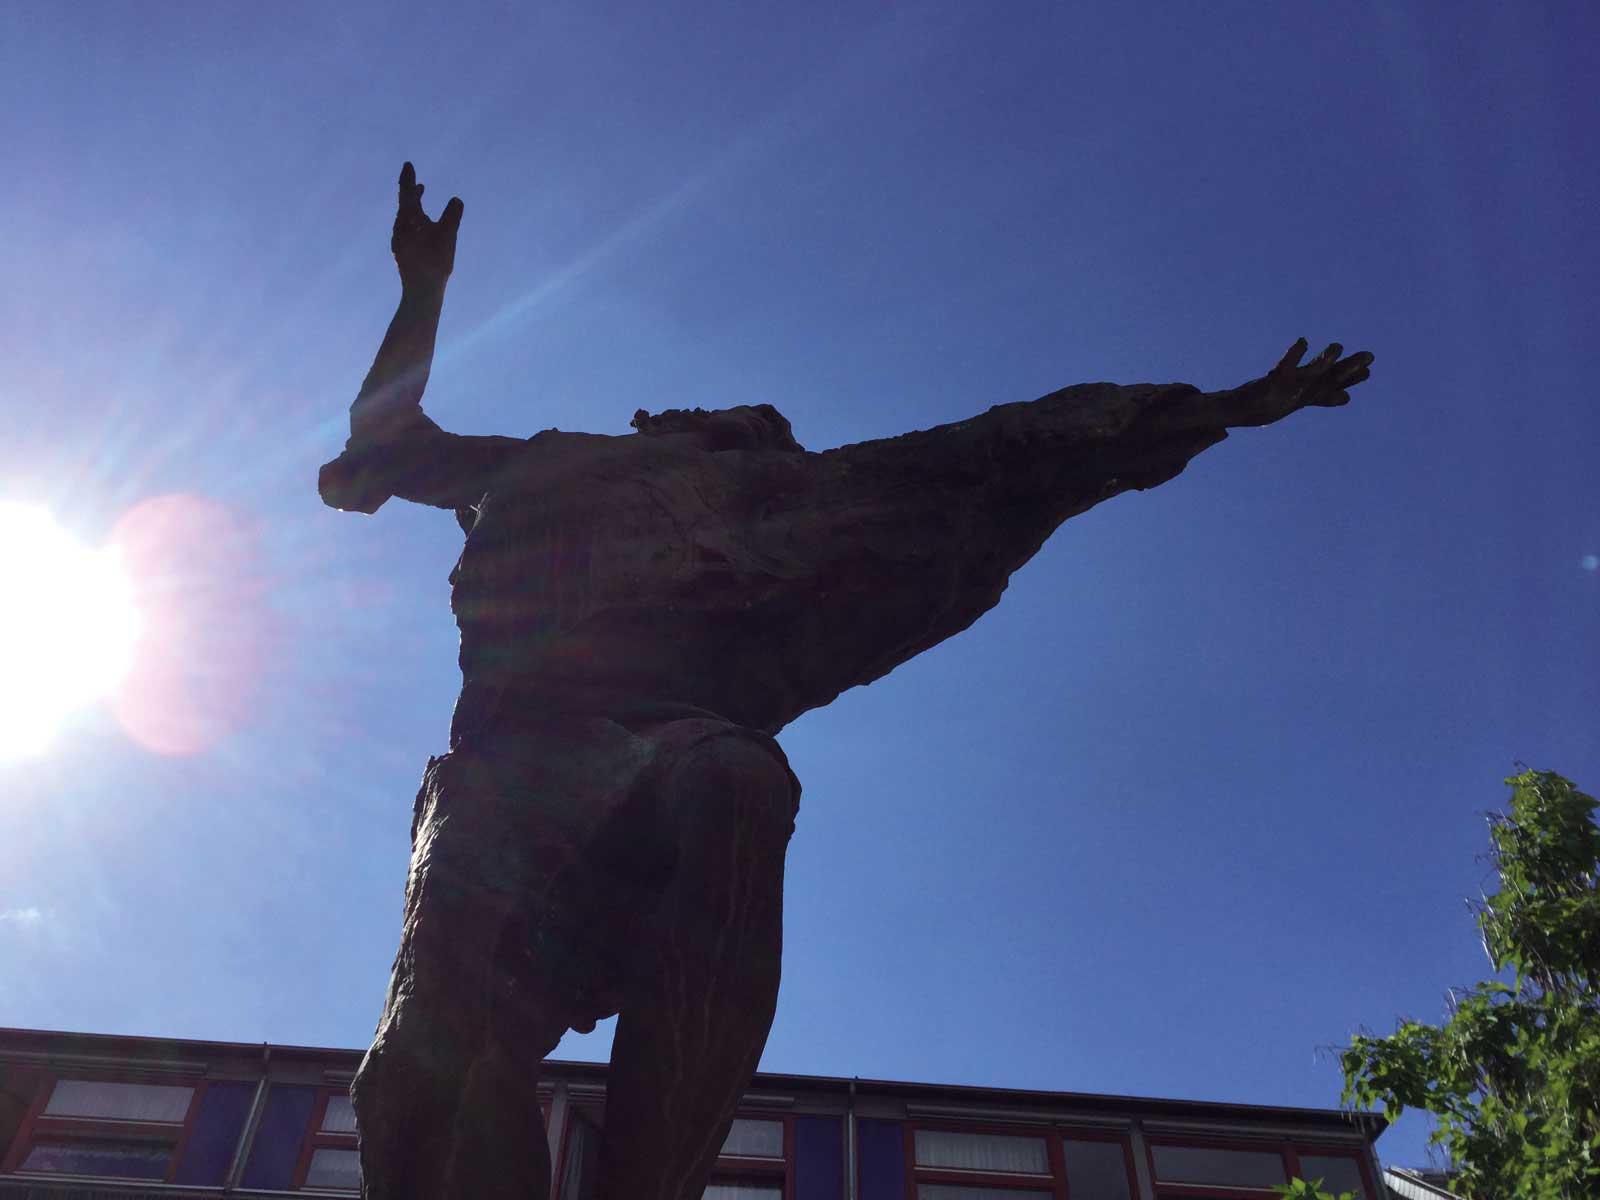 Seniorenzentrum-Bruder-Konrad-Stift-Statue-11